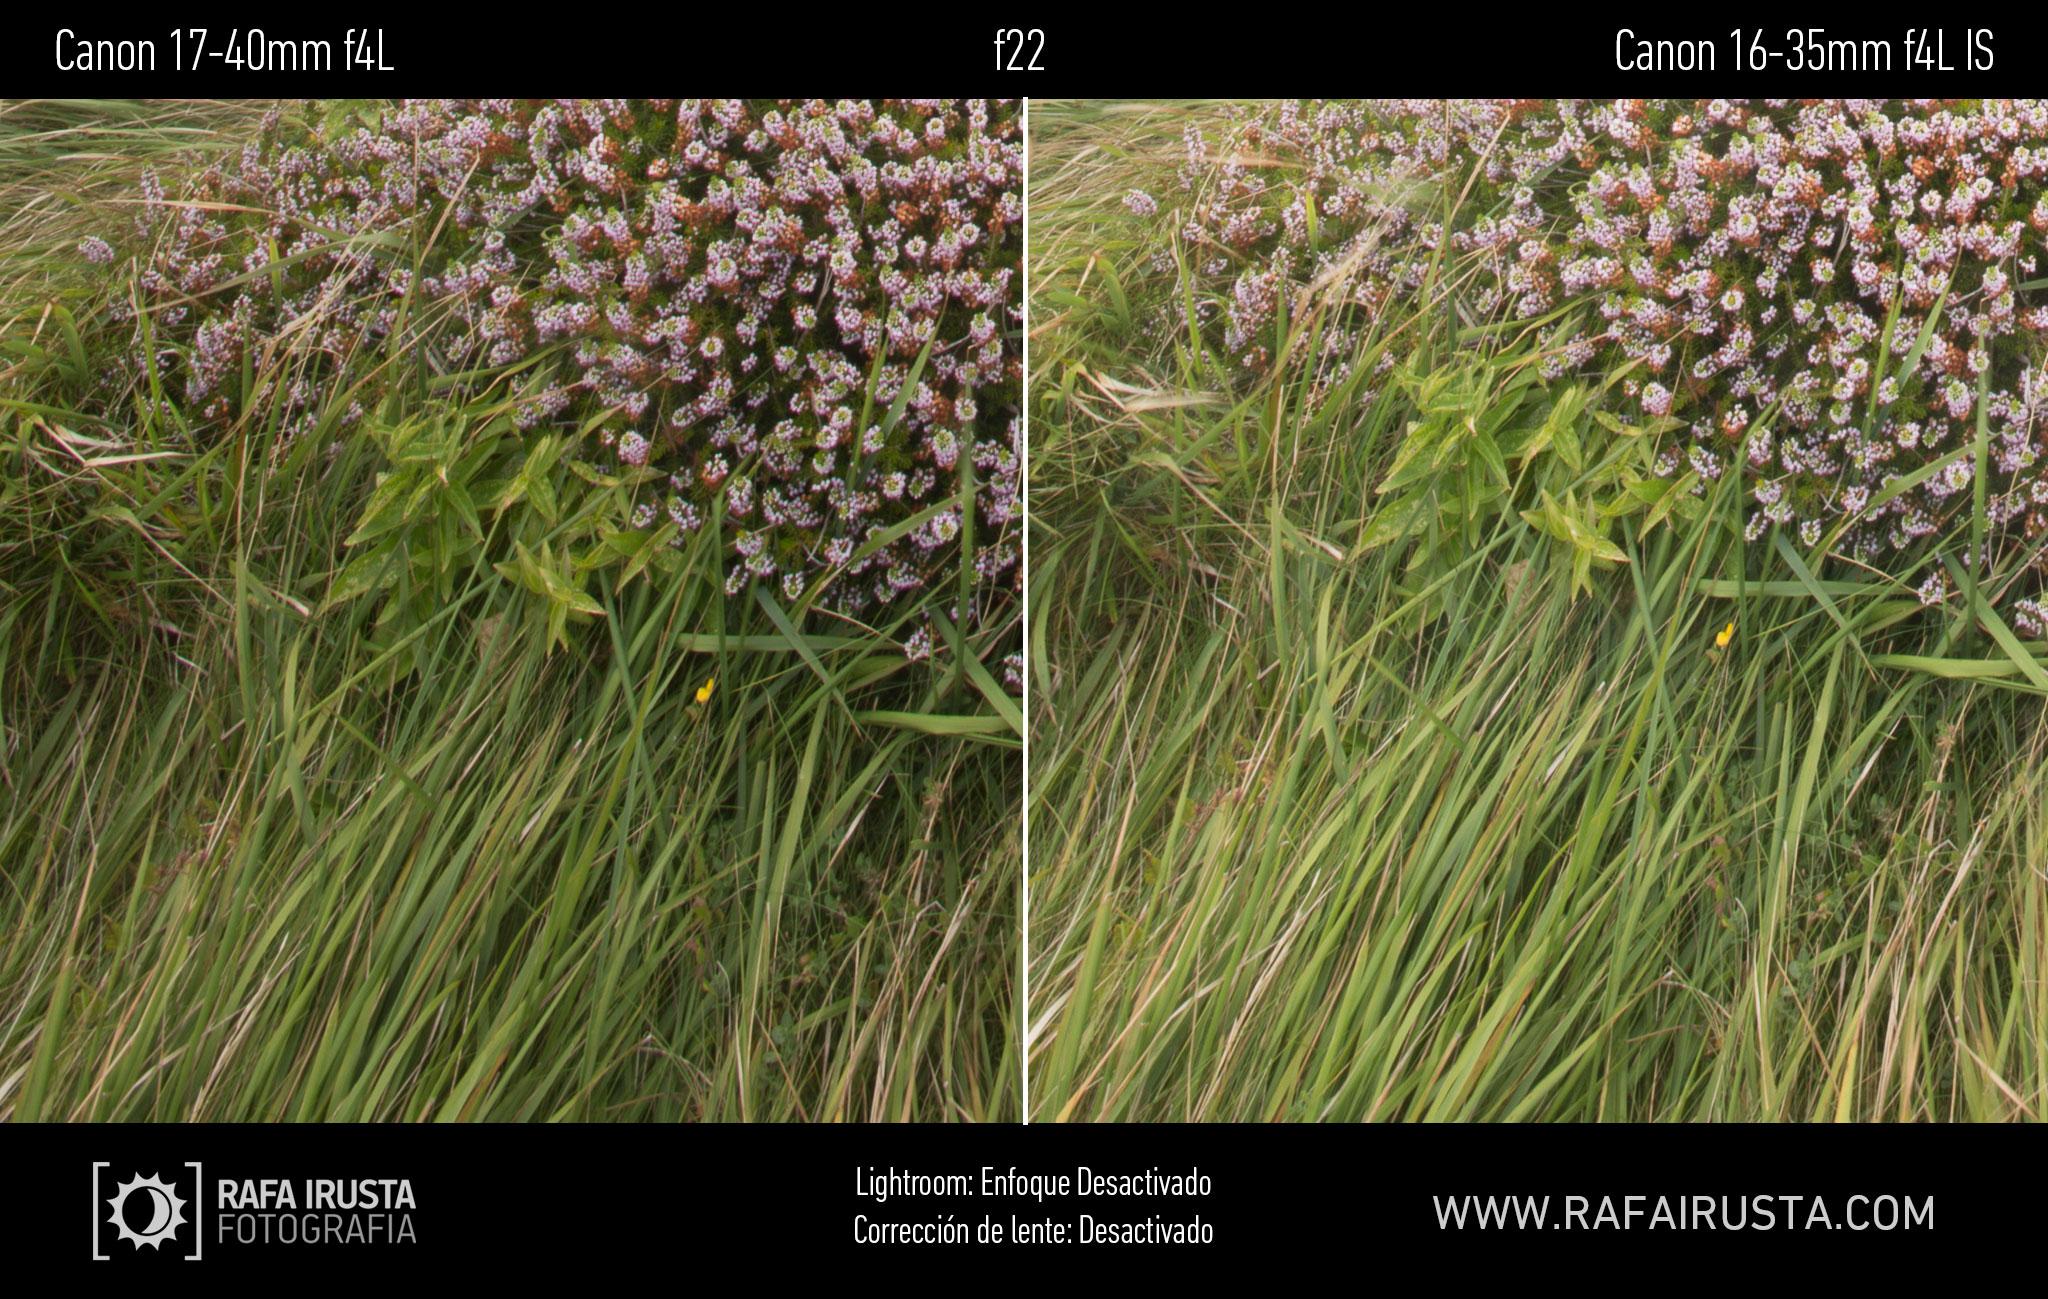 Prueba Canon 16-35mm f/4L IS, comparativa 17-40 vs 16-35 sin enfoque y sin ajuste de perfil, f22